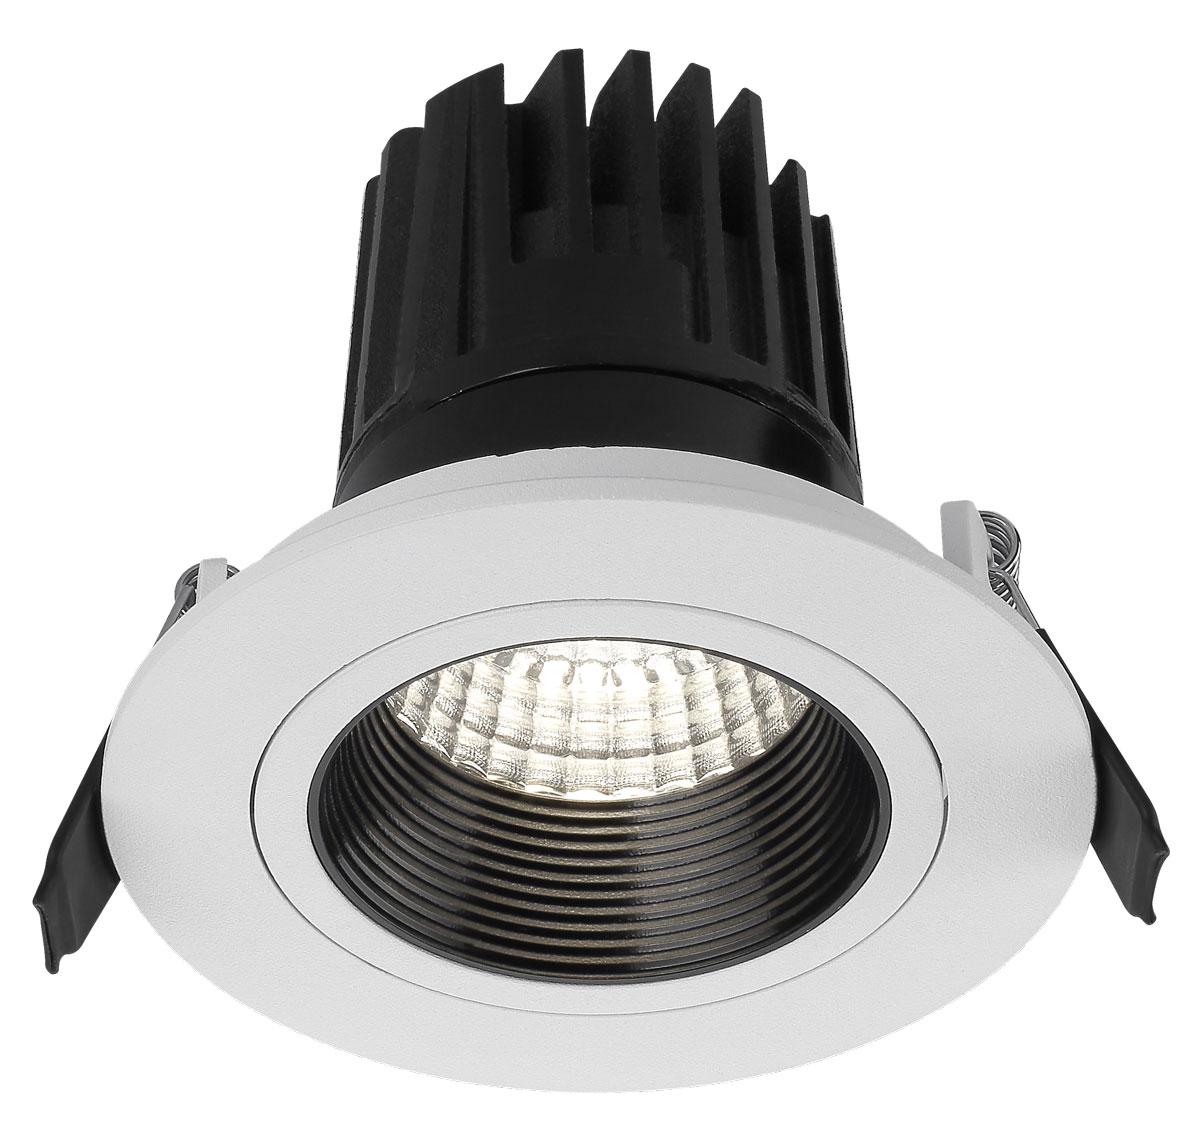 Nerus led downlight uk led lighting nerus led downlight aloadofball Image collections